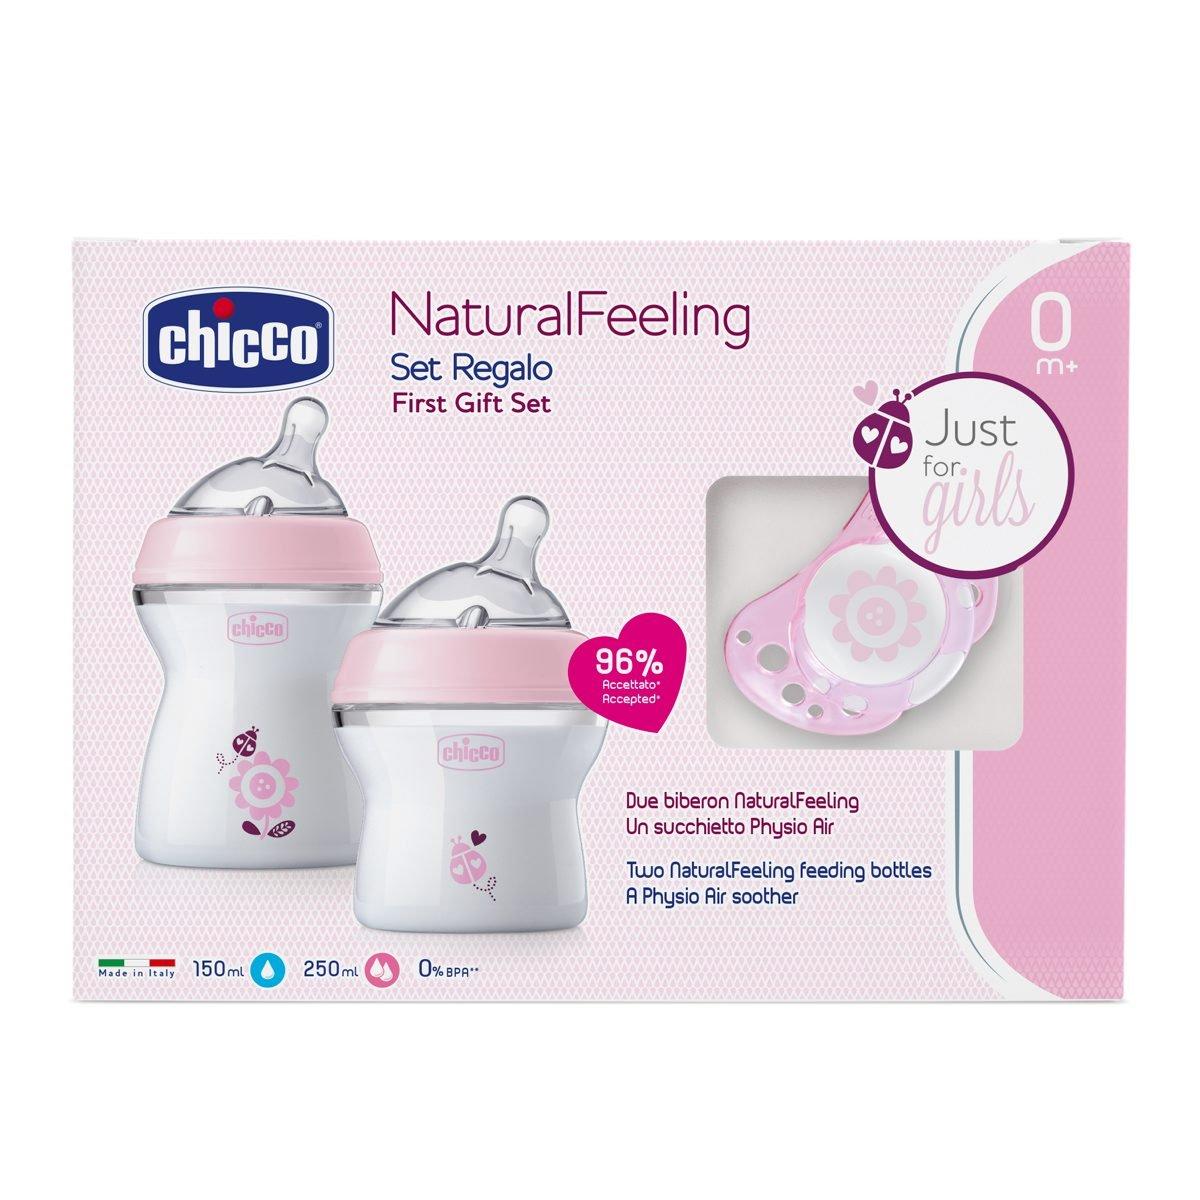 Chicco NaturalFeeling - Set de regalo con 2 biberones para recién nacido + chupete 0 m+, rosa